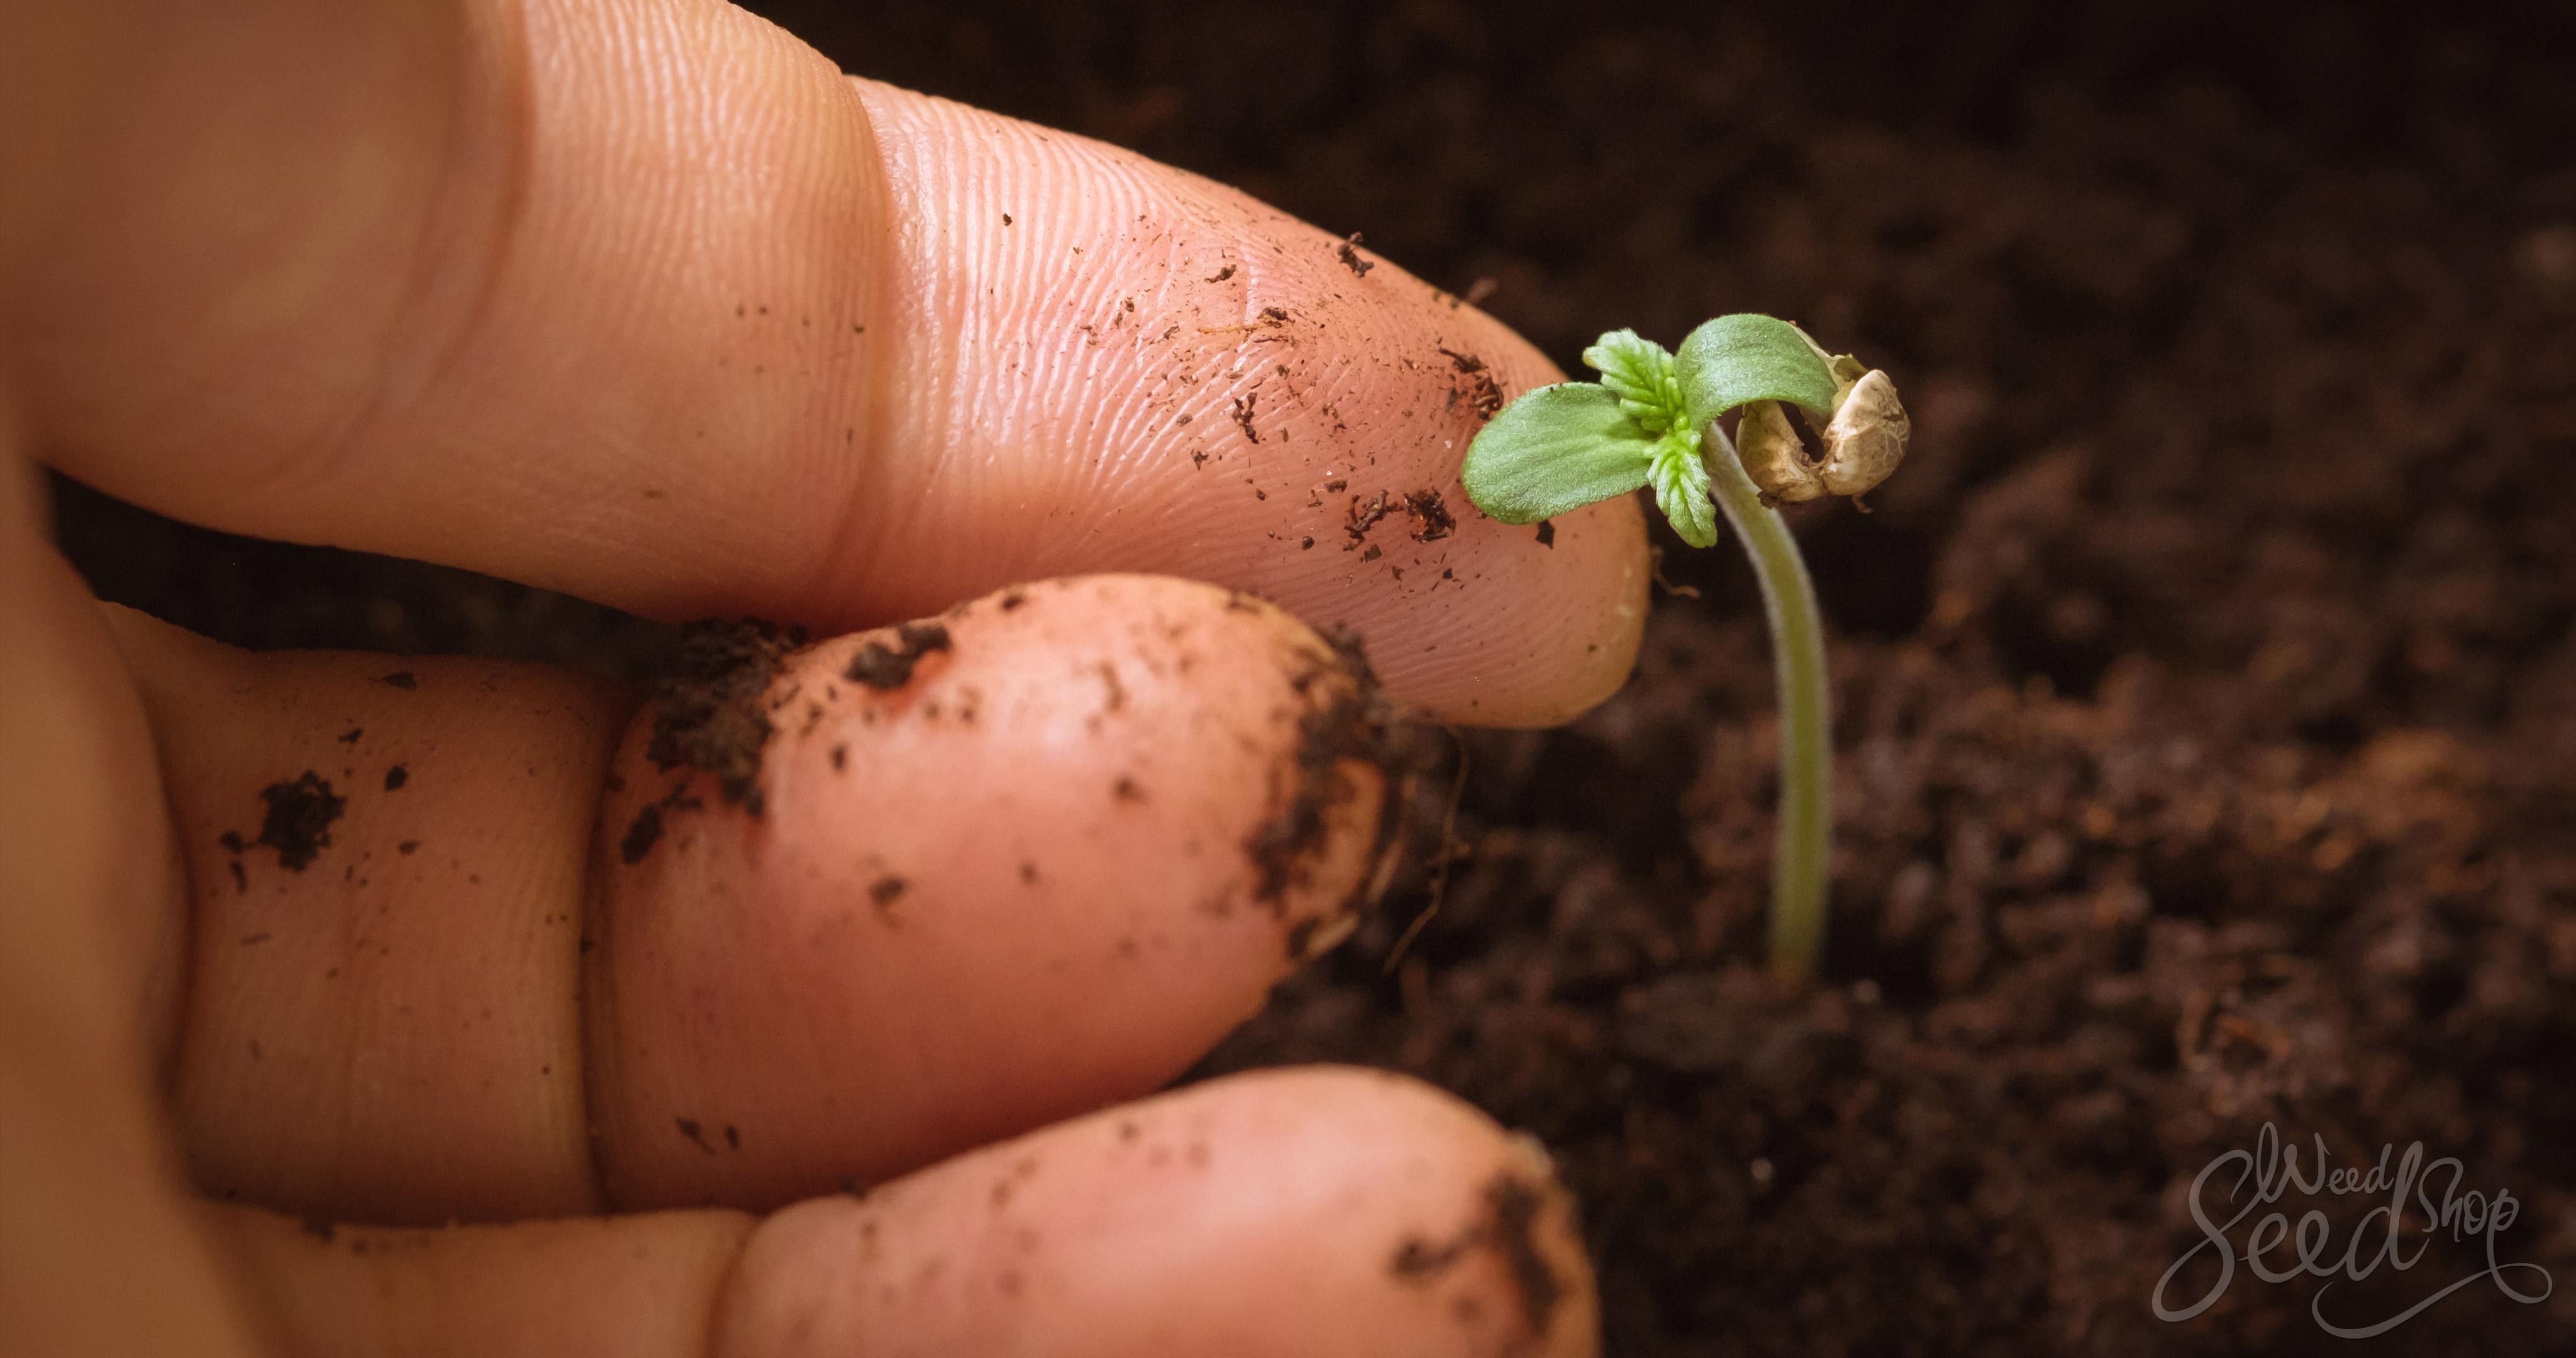 Comment faire pousser du super cannabis dans du sol recyclé organique vivant - WeedSeedShop Blog